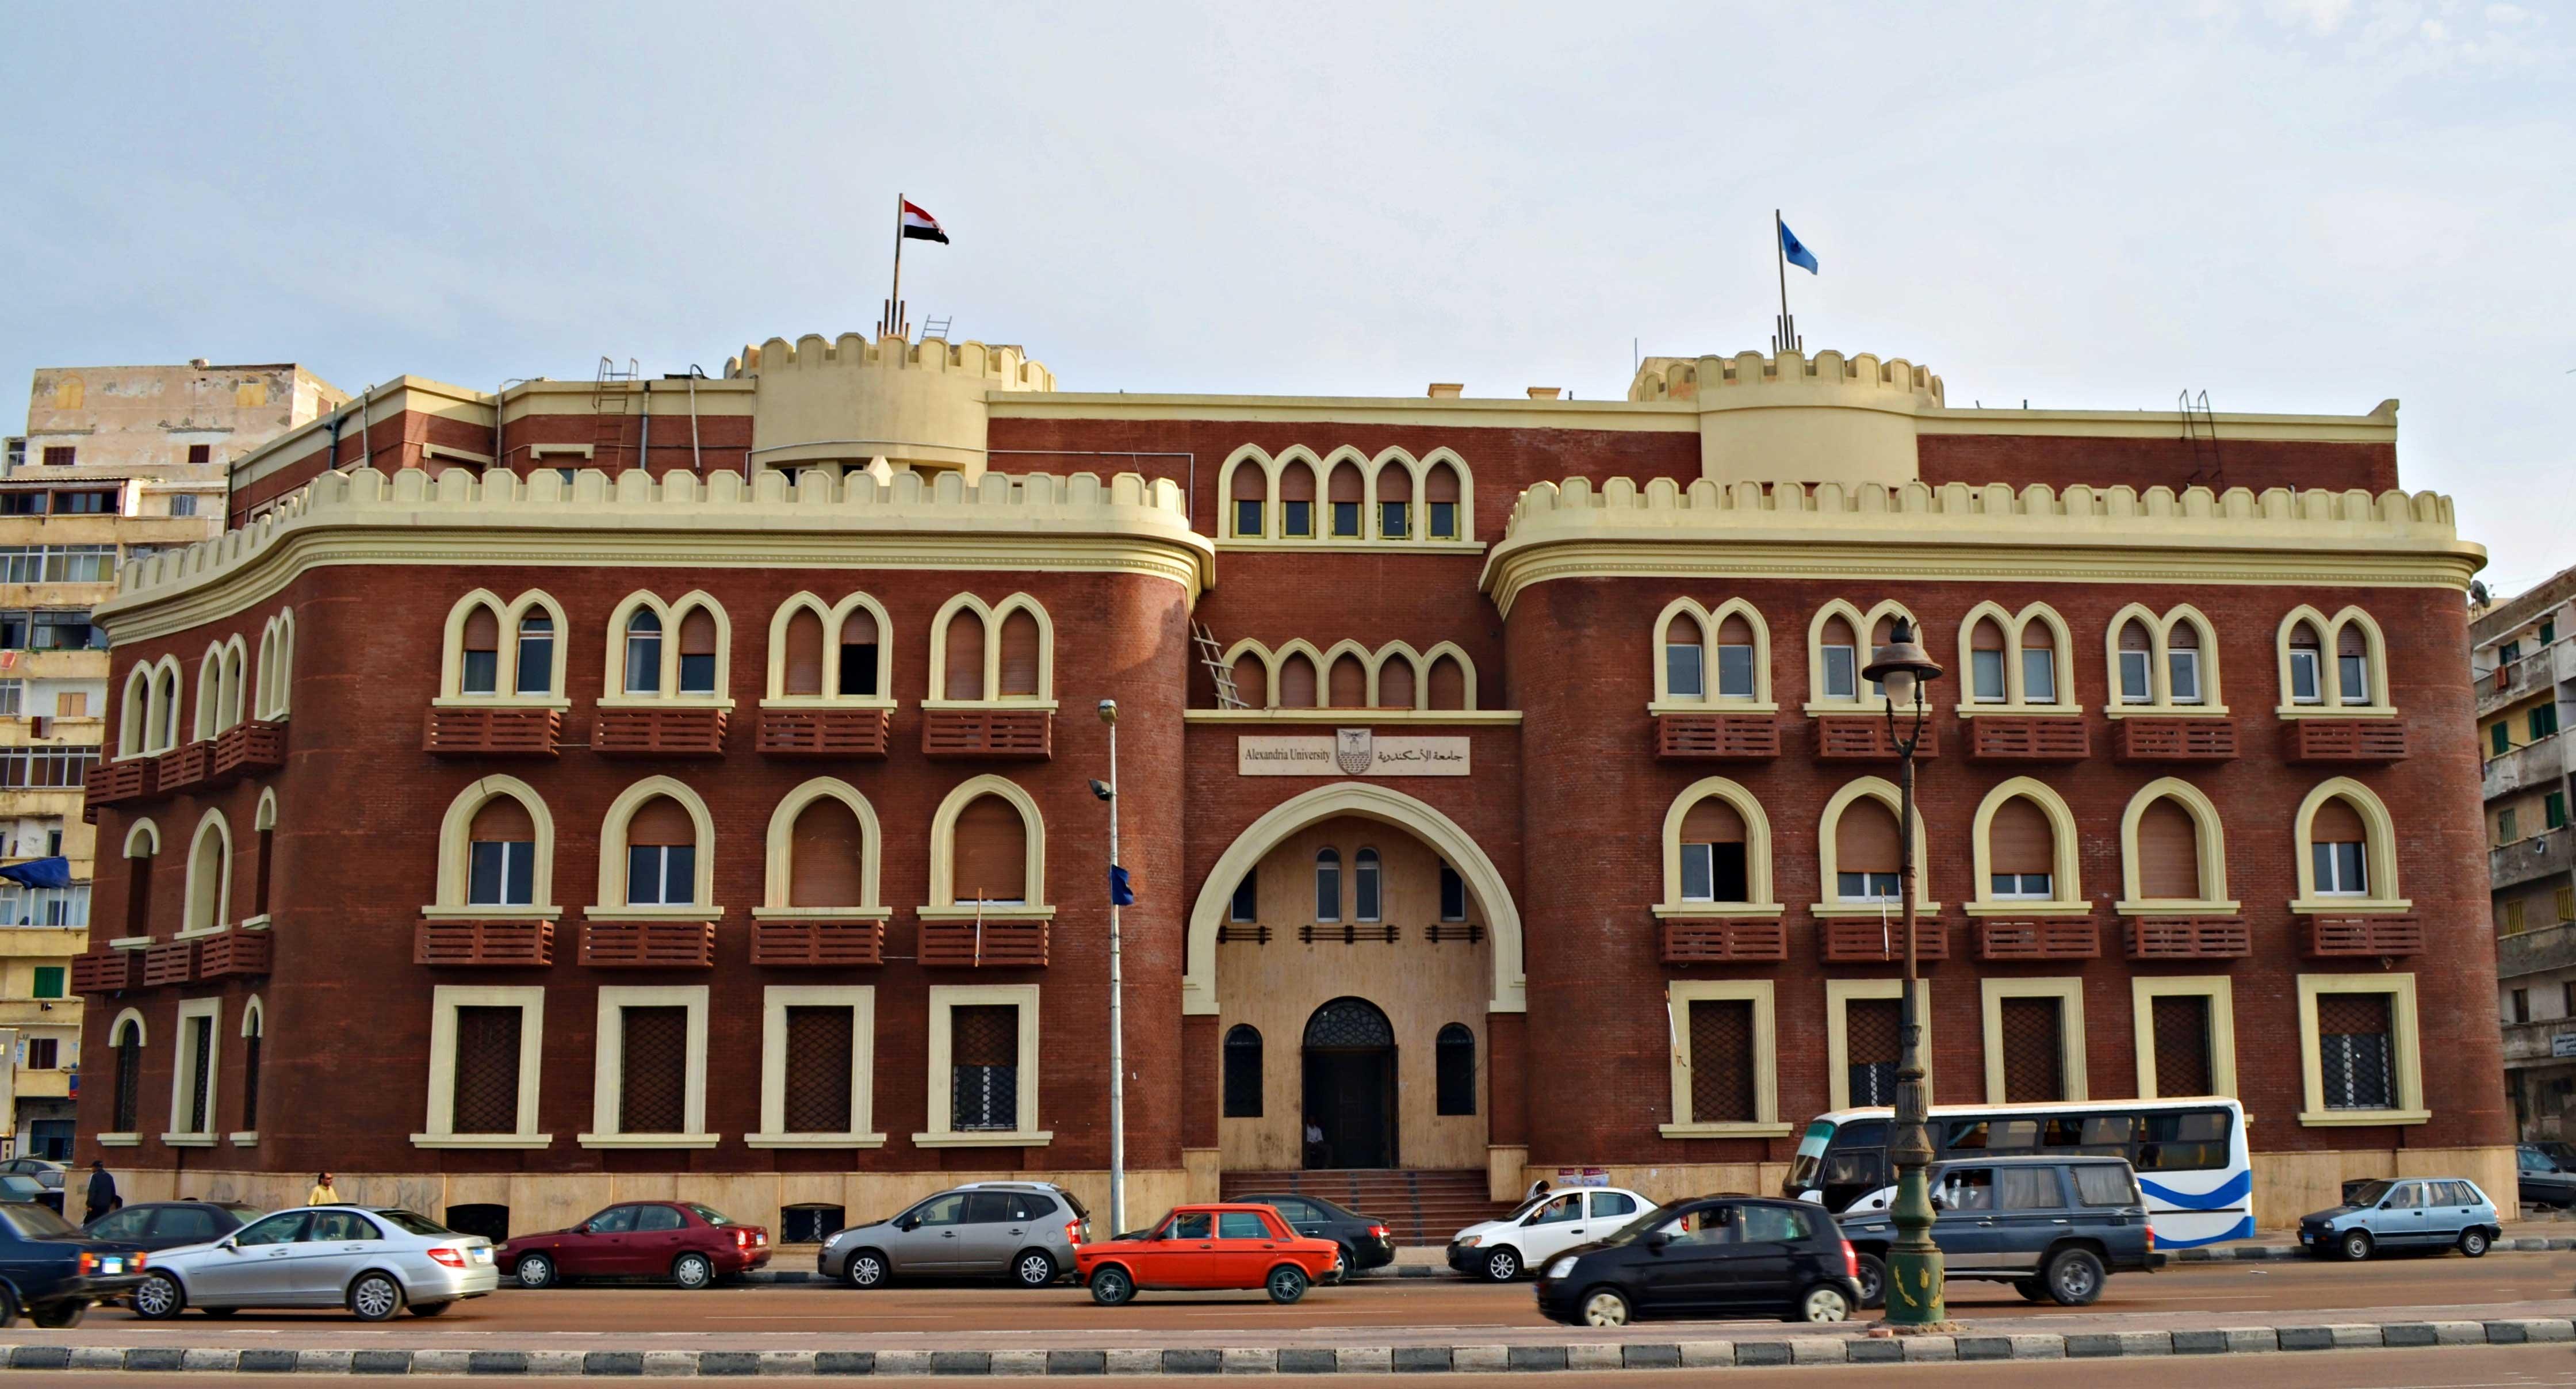 http://shbabbek.com/upload/فصل جامعة أسيوط عن الوادي الجديد والإسكندرية عن مطروح